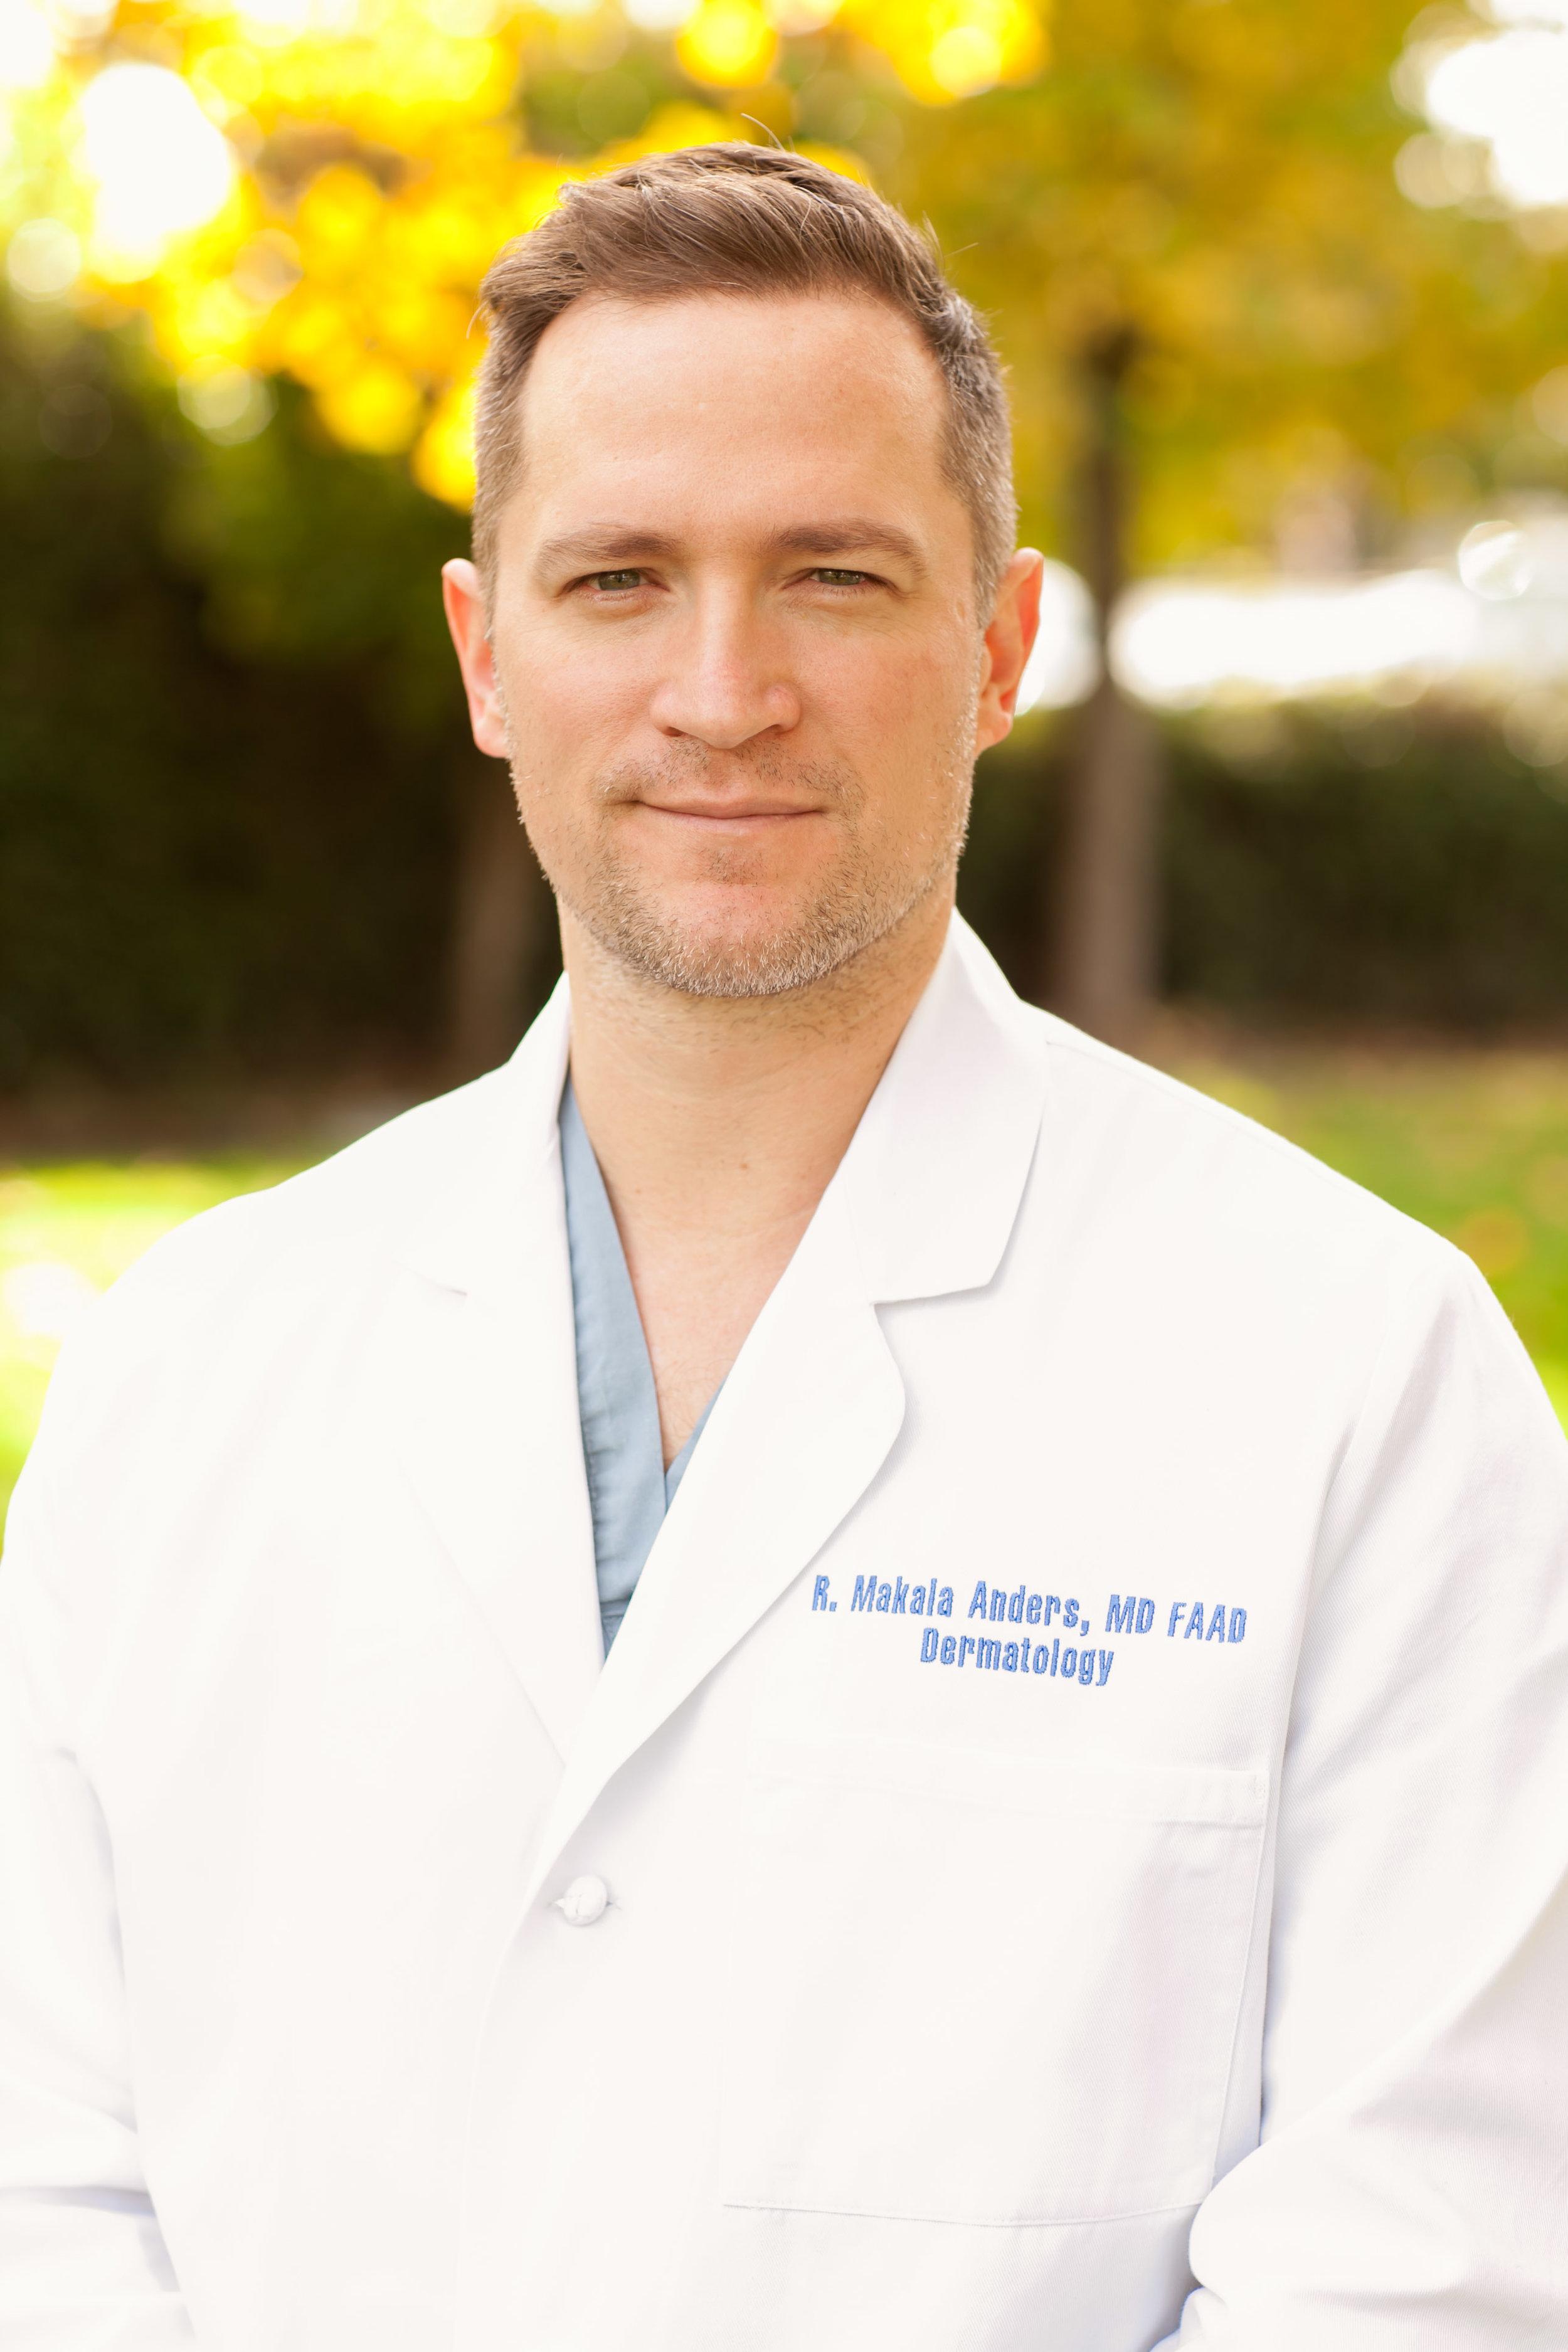 Dr. Makala Anders